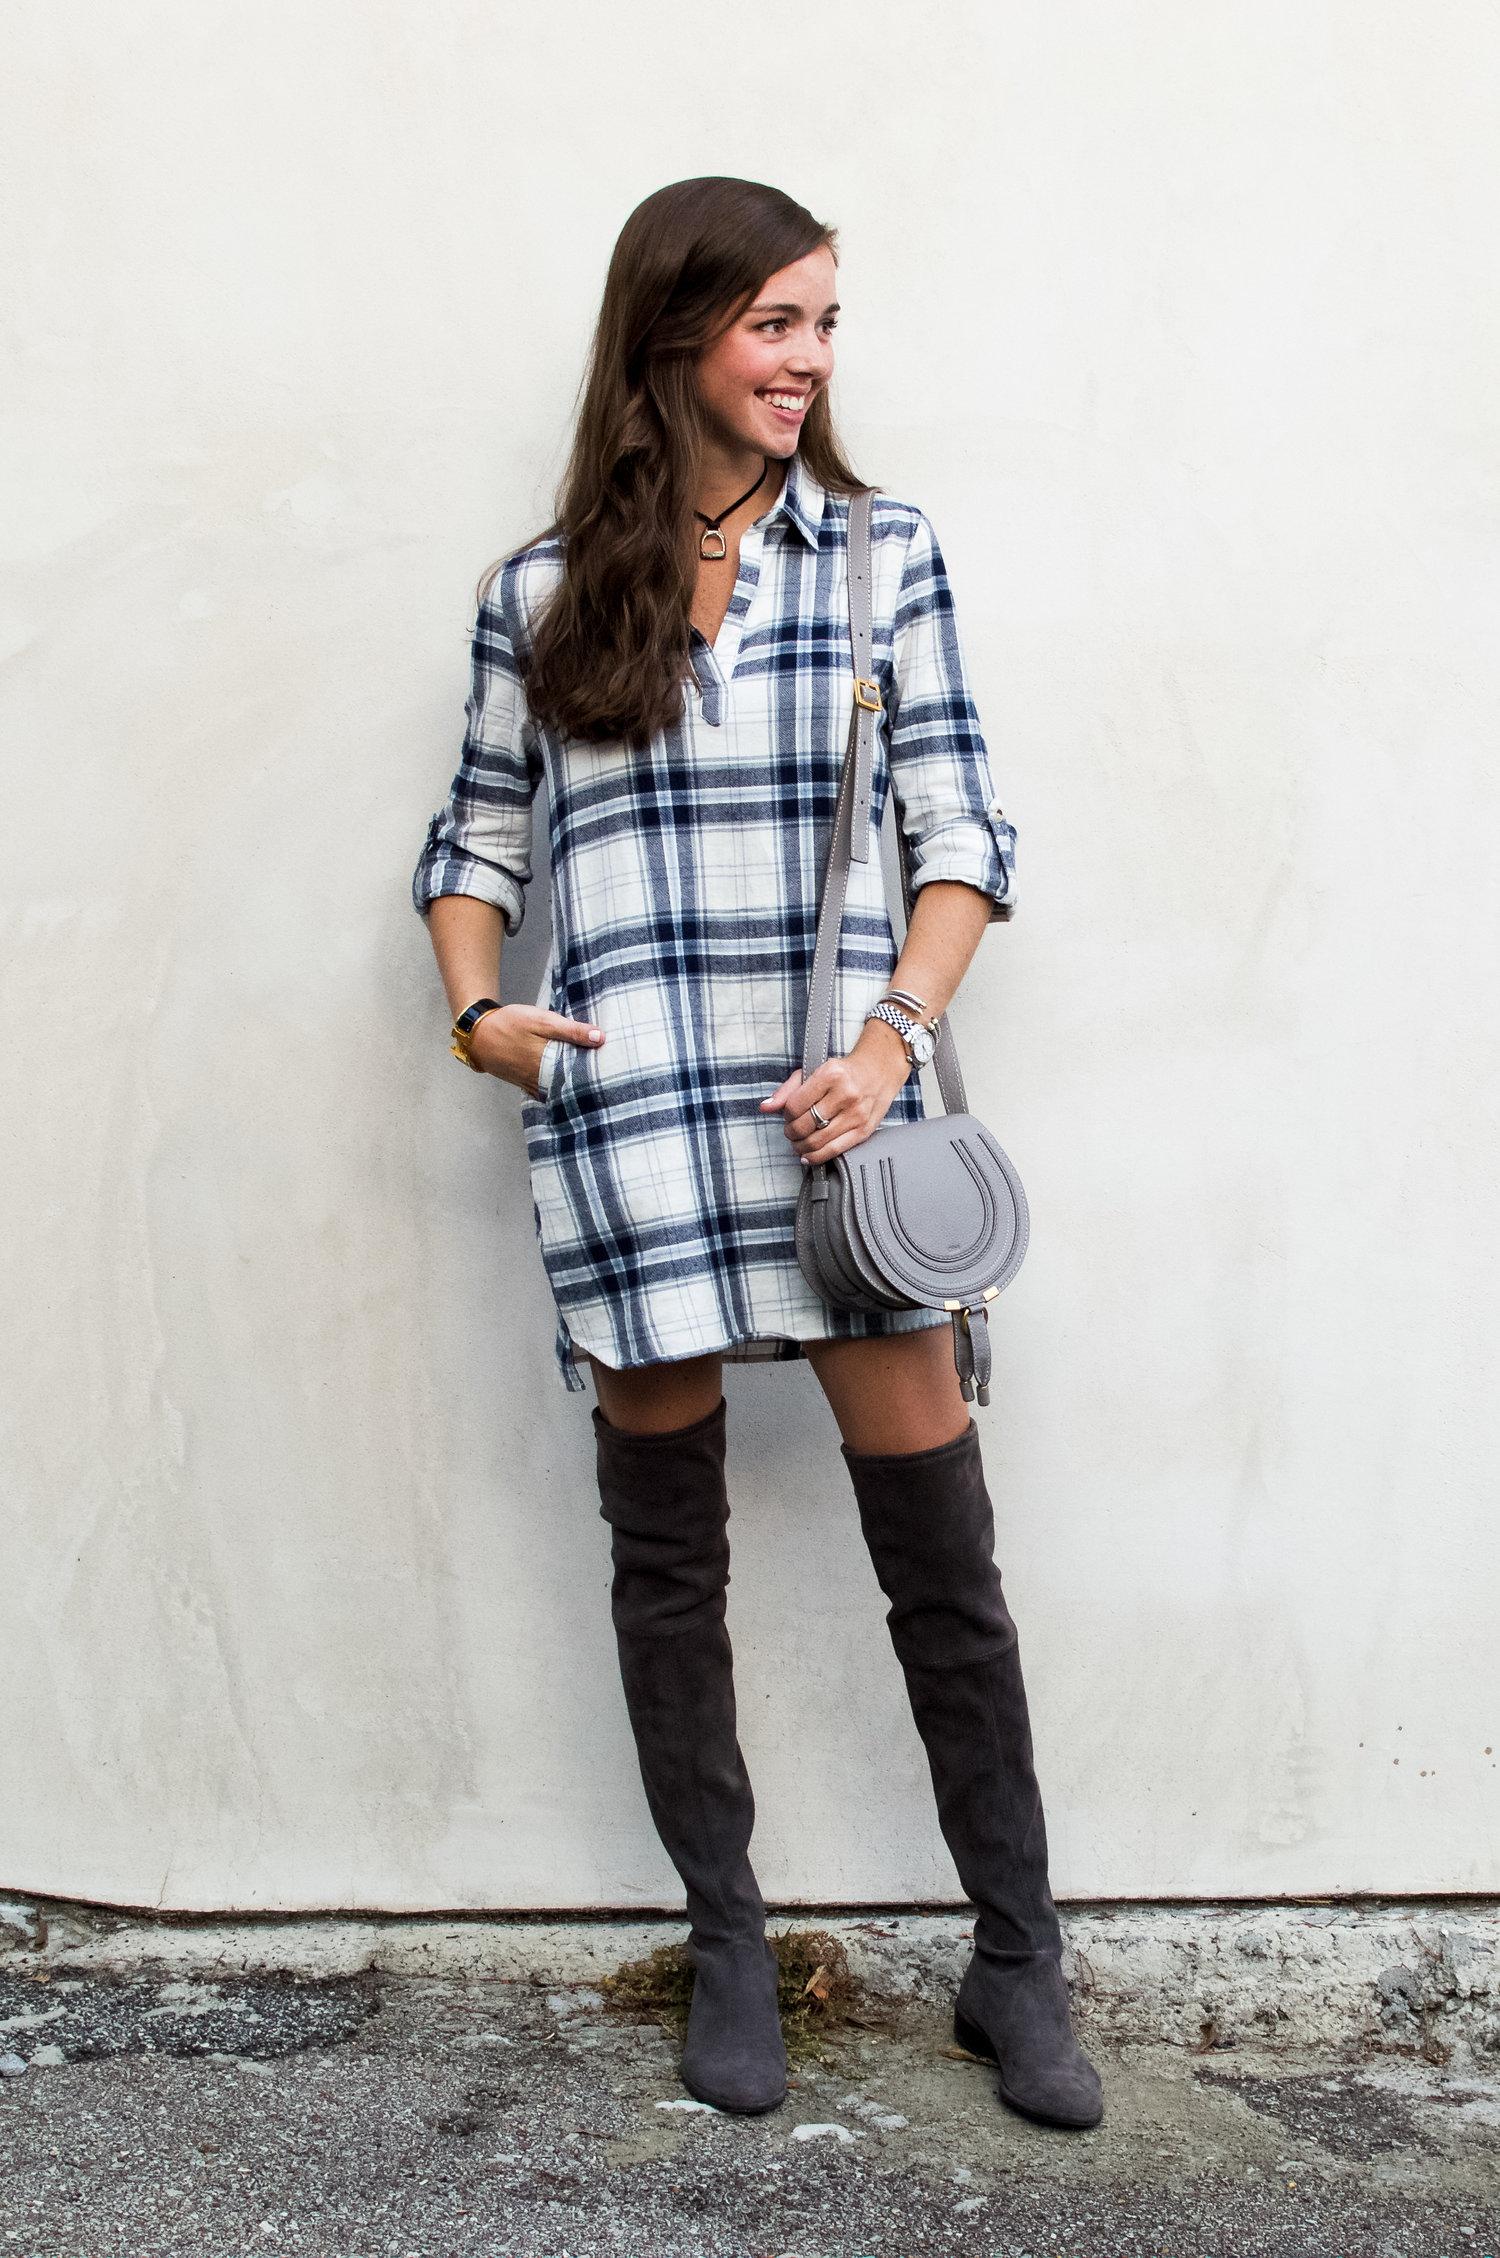 fashion+blogger+lcb+style+velvet+heart+harvest+jewels+stuart+weitzman+lowland+(5+of+33).jpg